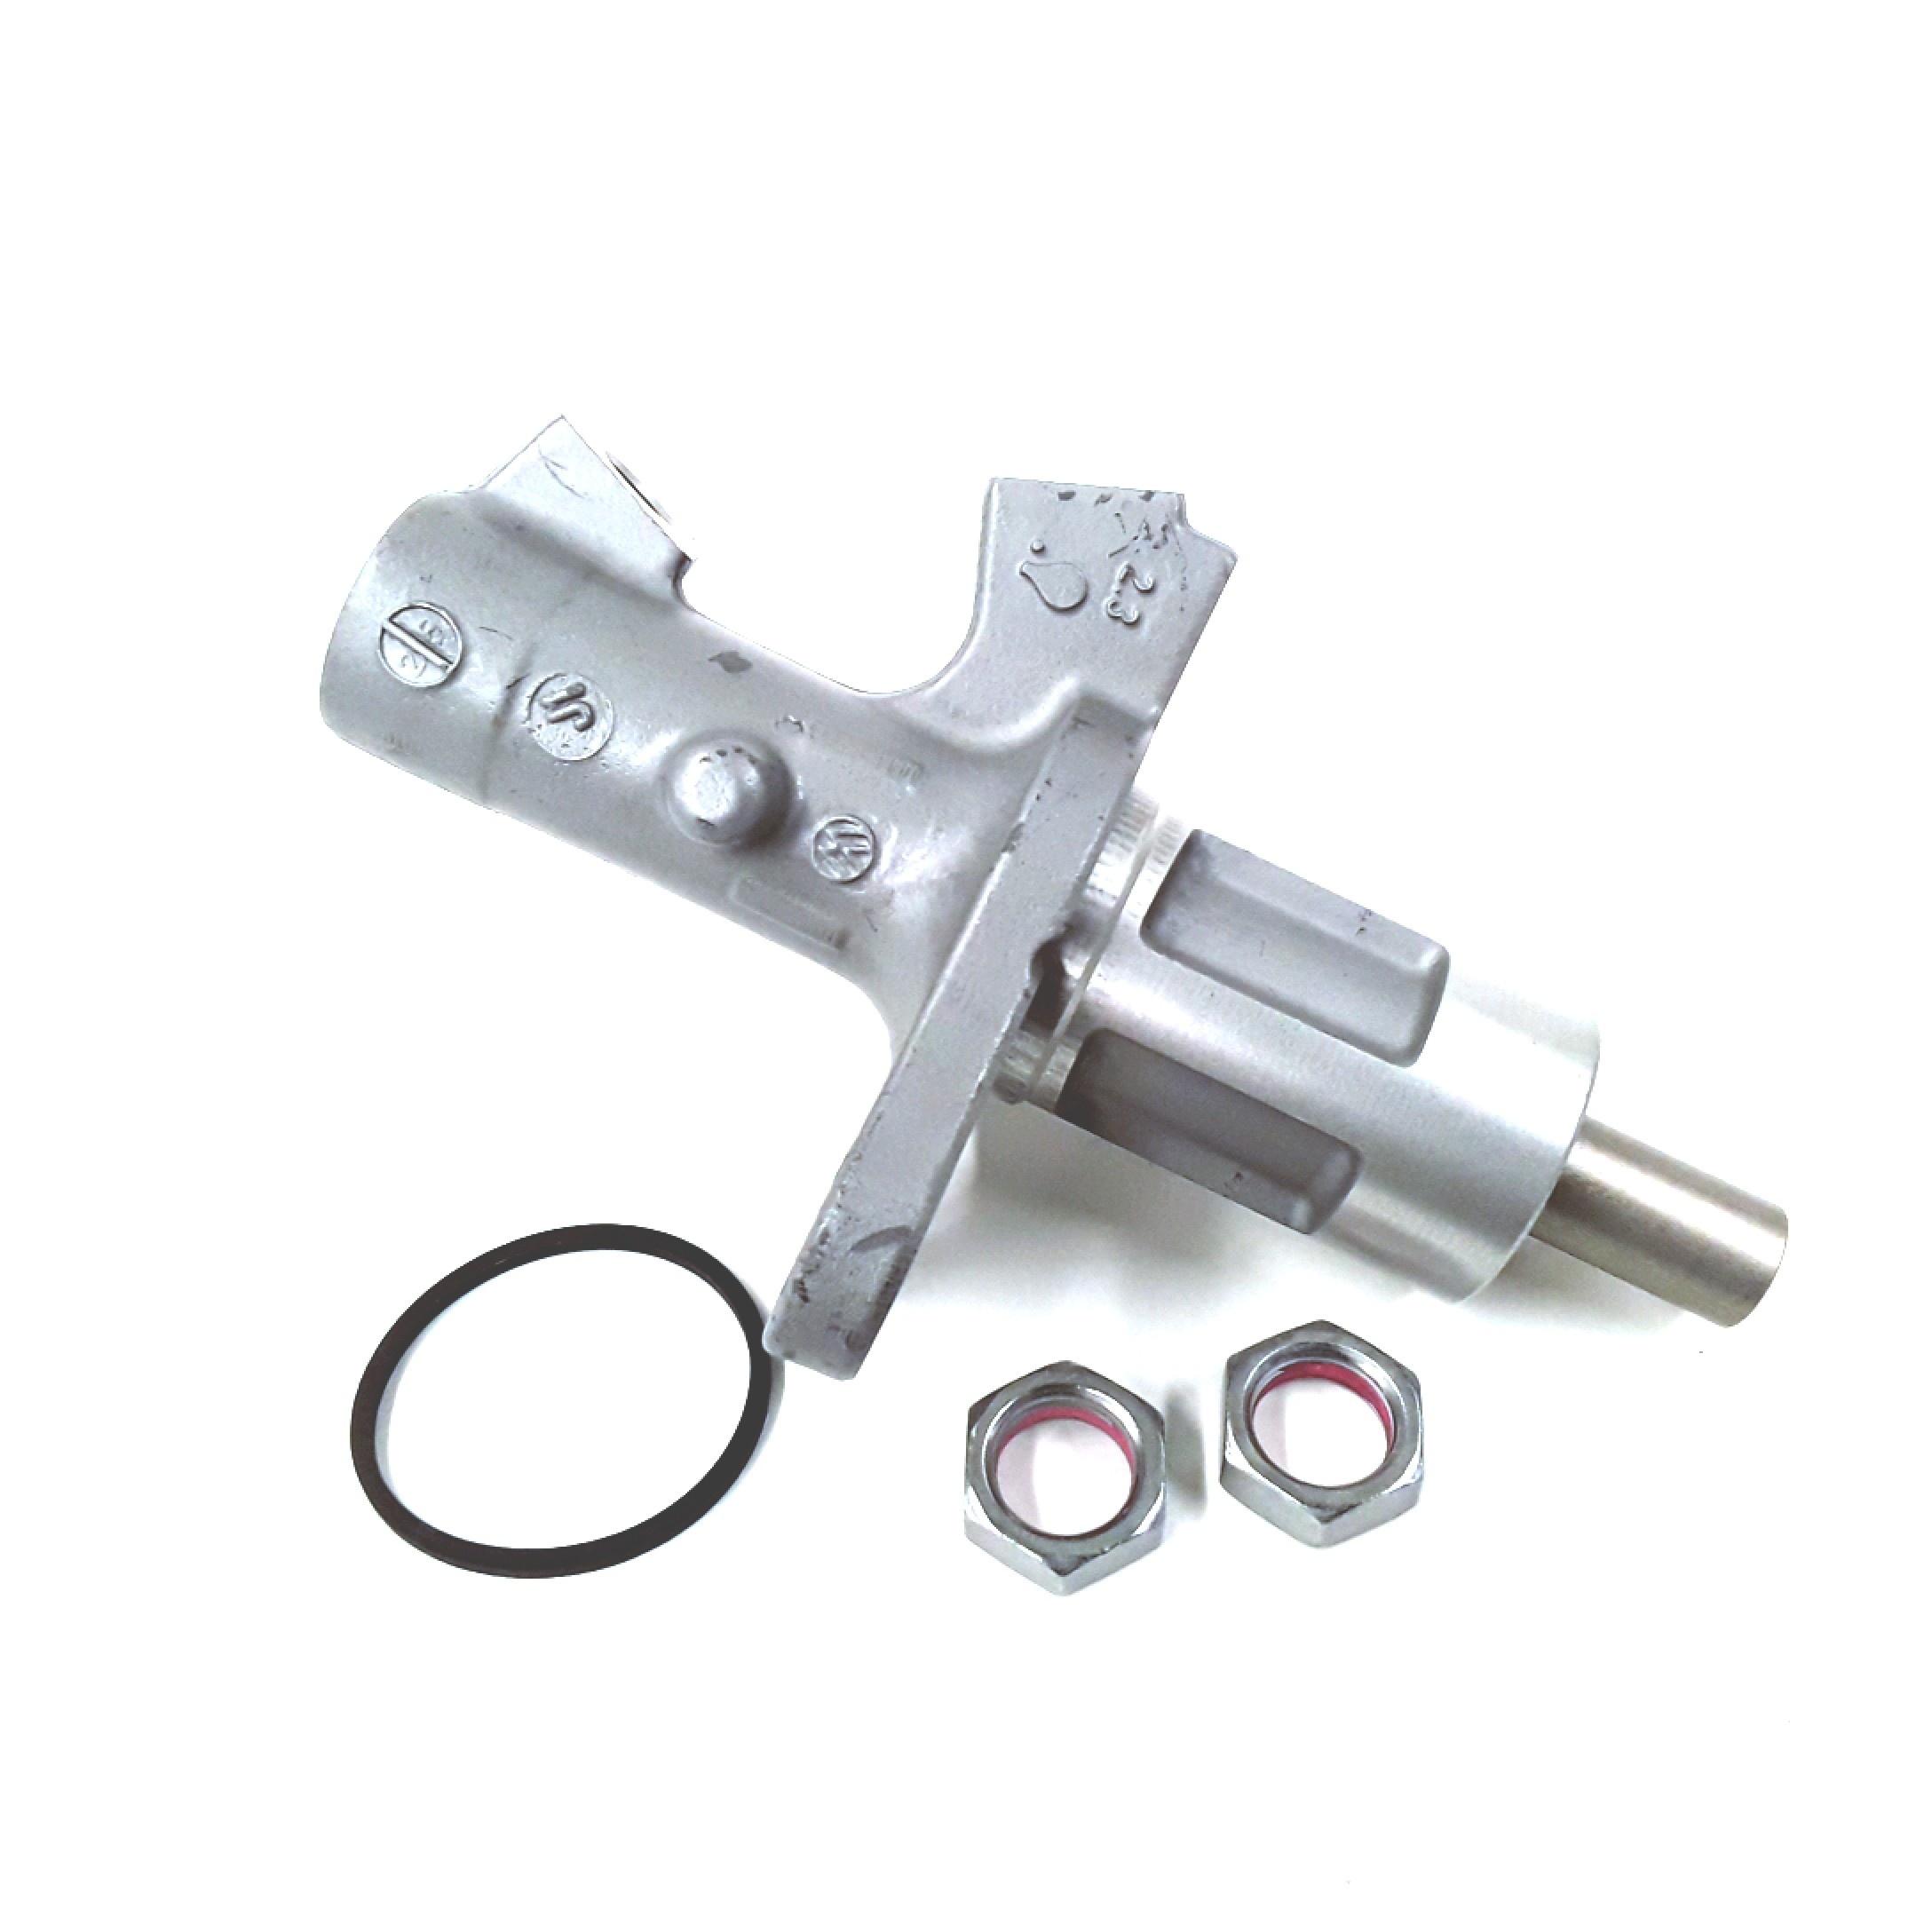 8k0611021a Audi Tandem Master Cylinder Master Brake